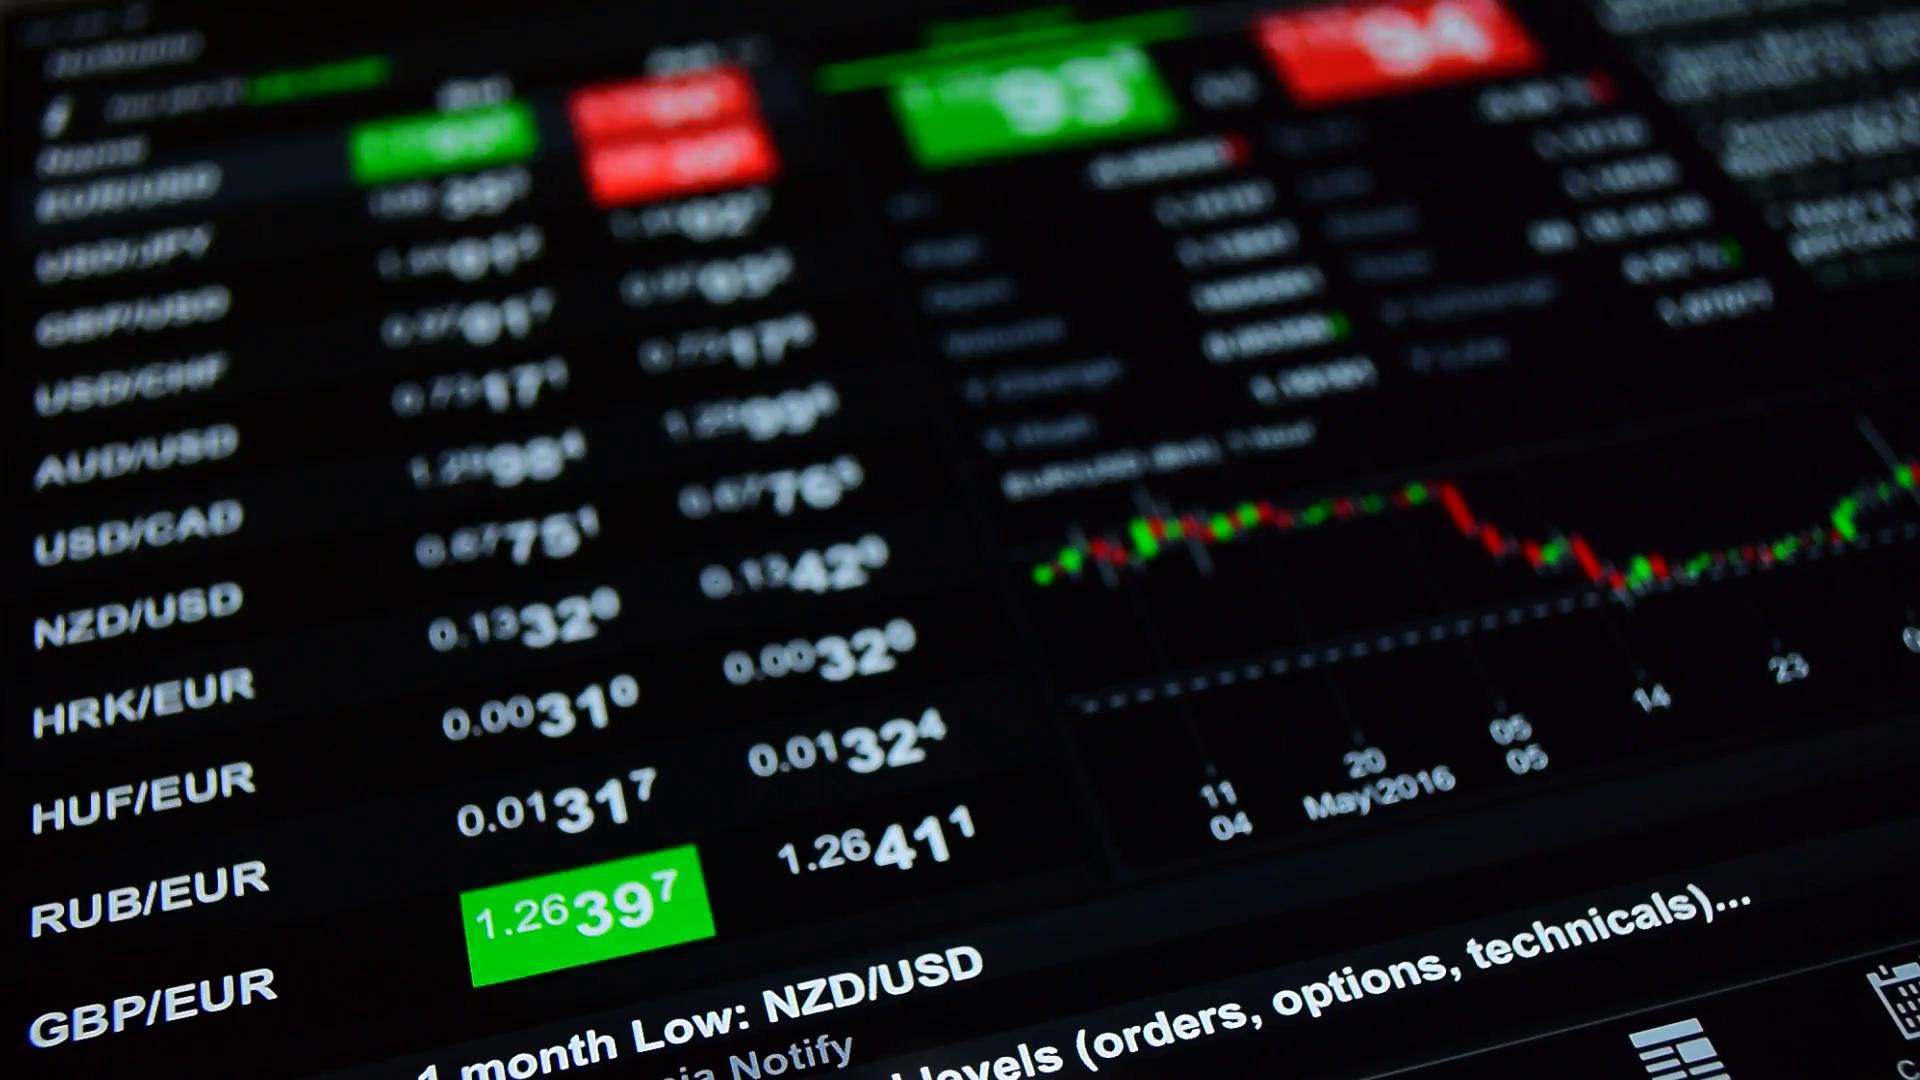 atirox company news 2 - در معاملات بازارهای مالی بین المللی باید صبور باشید